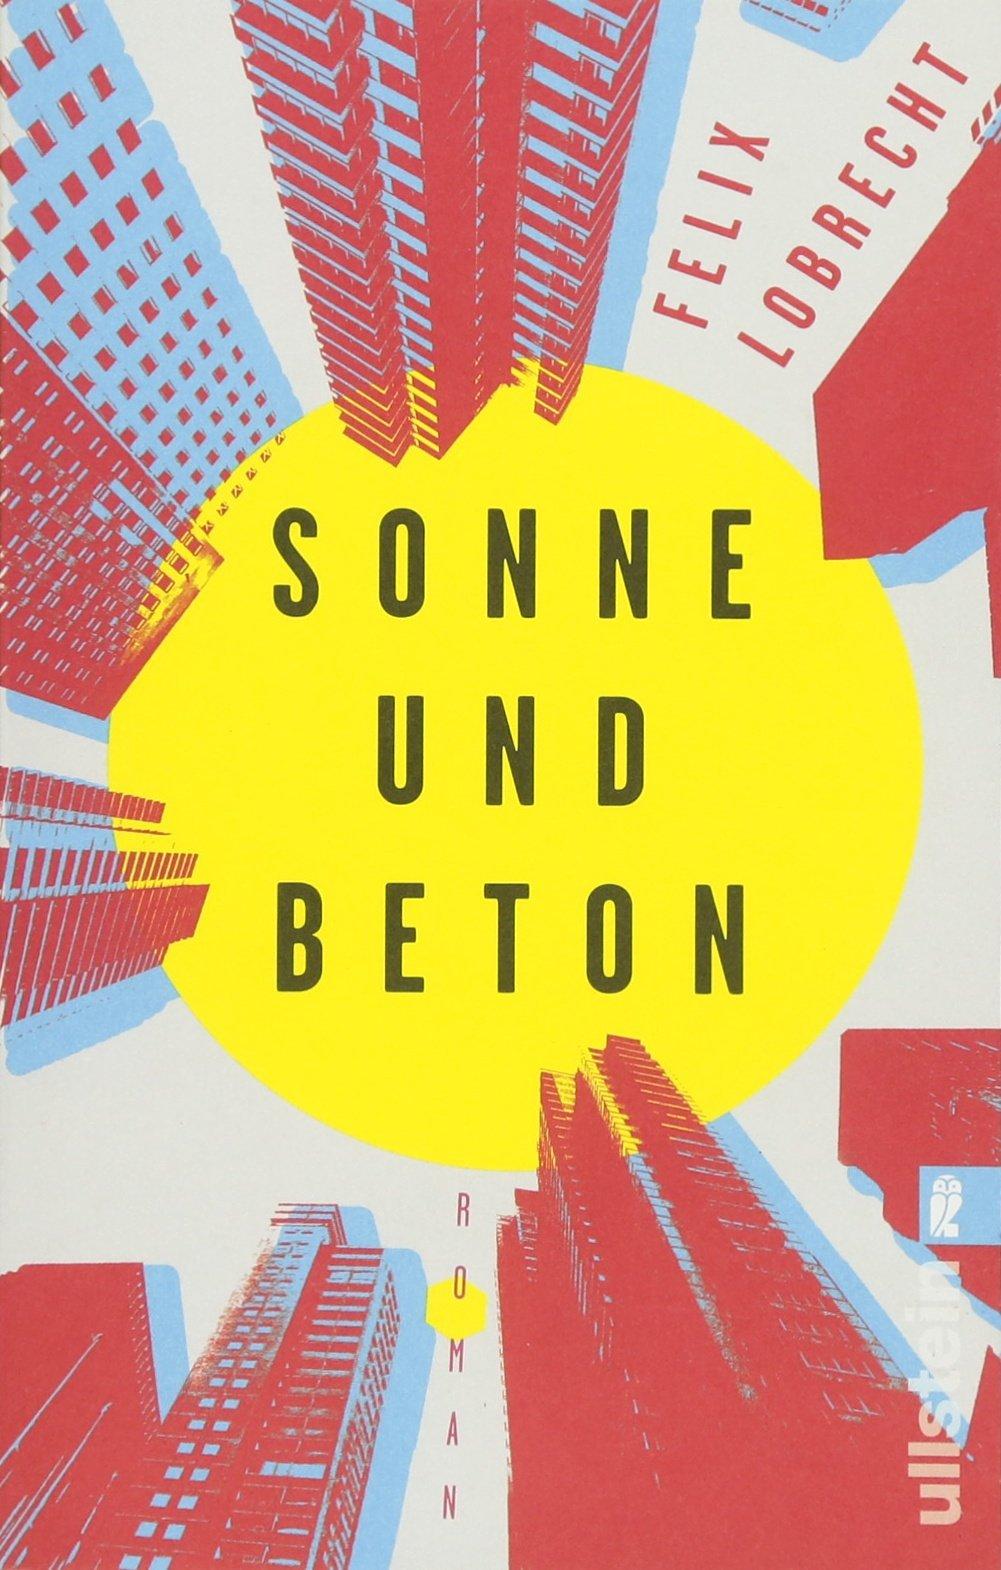 Sonne und Beton: Roman Taschenbuch – 8. Juni 2018 Felix Lobrecht Ullstein Taschenbuch 3548290582 FICTION / Coming of Age